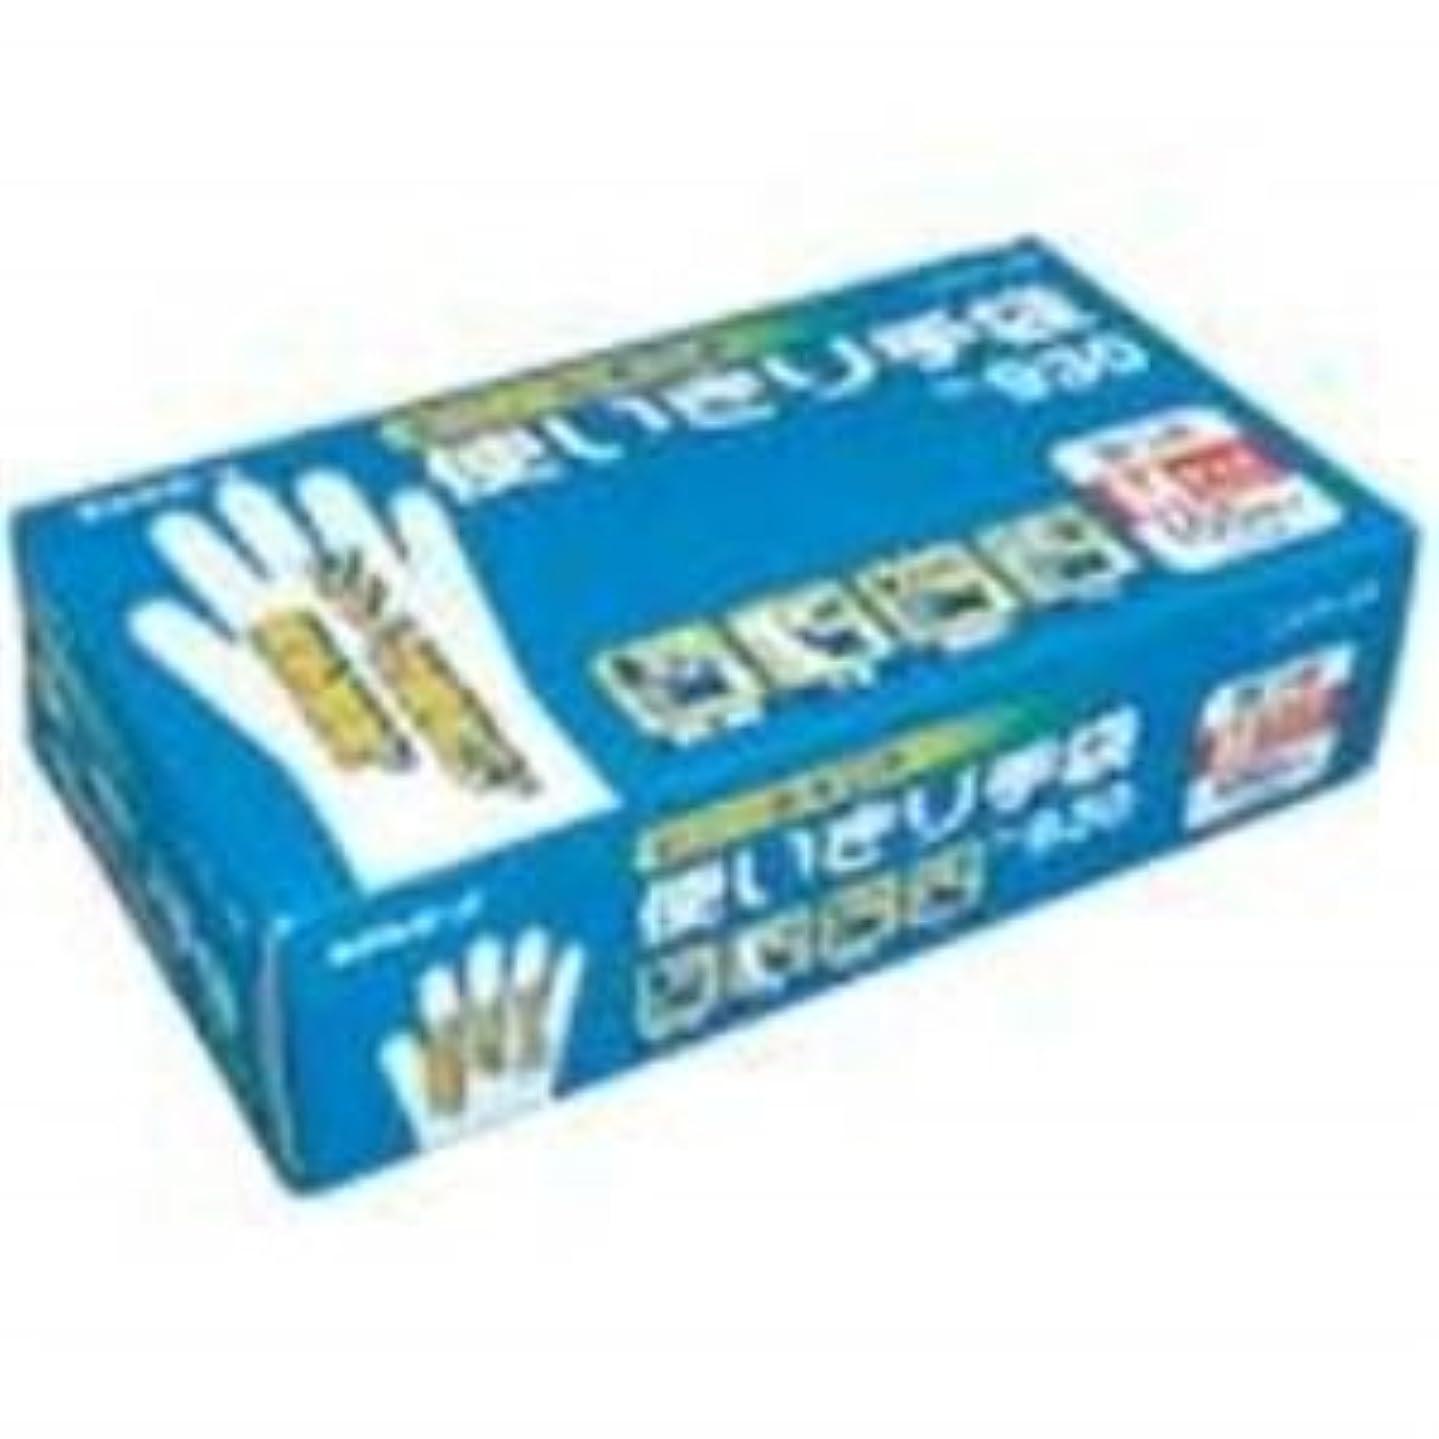 再生的治療重々しい(業務用30セット) エステー ビニール使い捨て手袋/作業用手袋 【No.930/M 1箱】